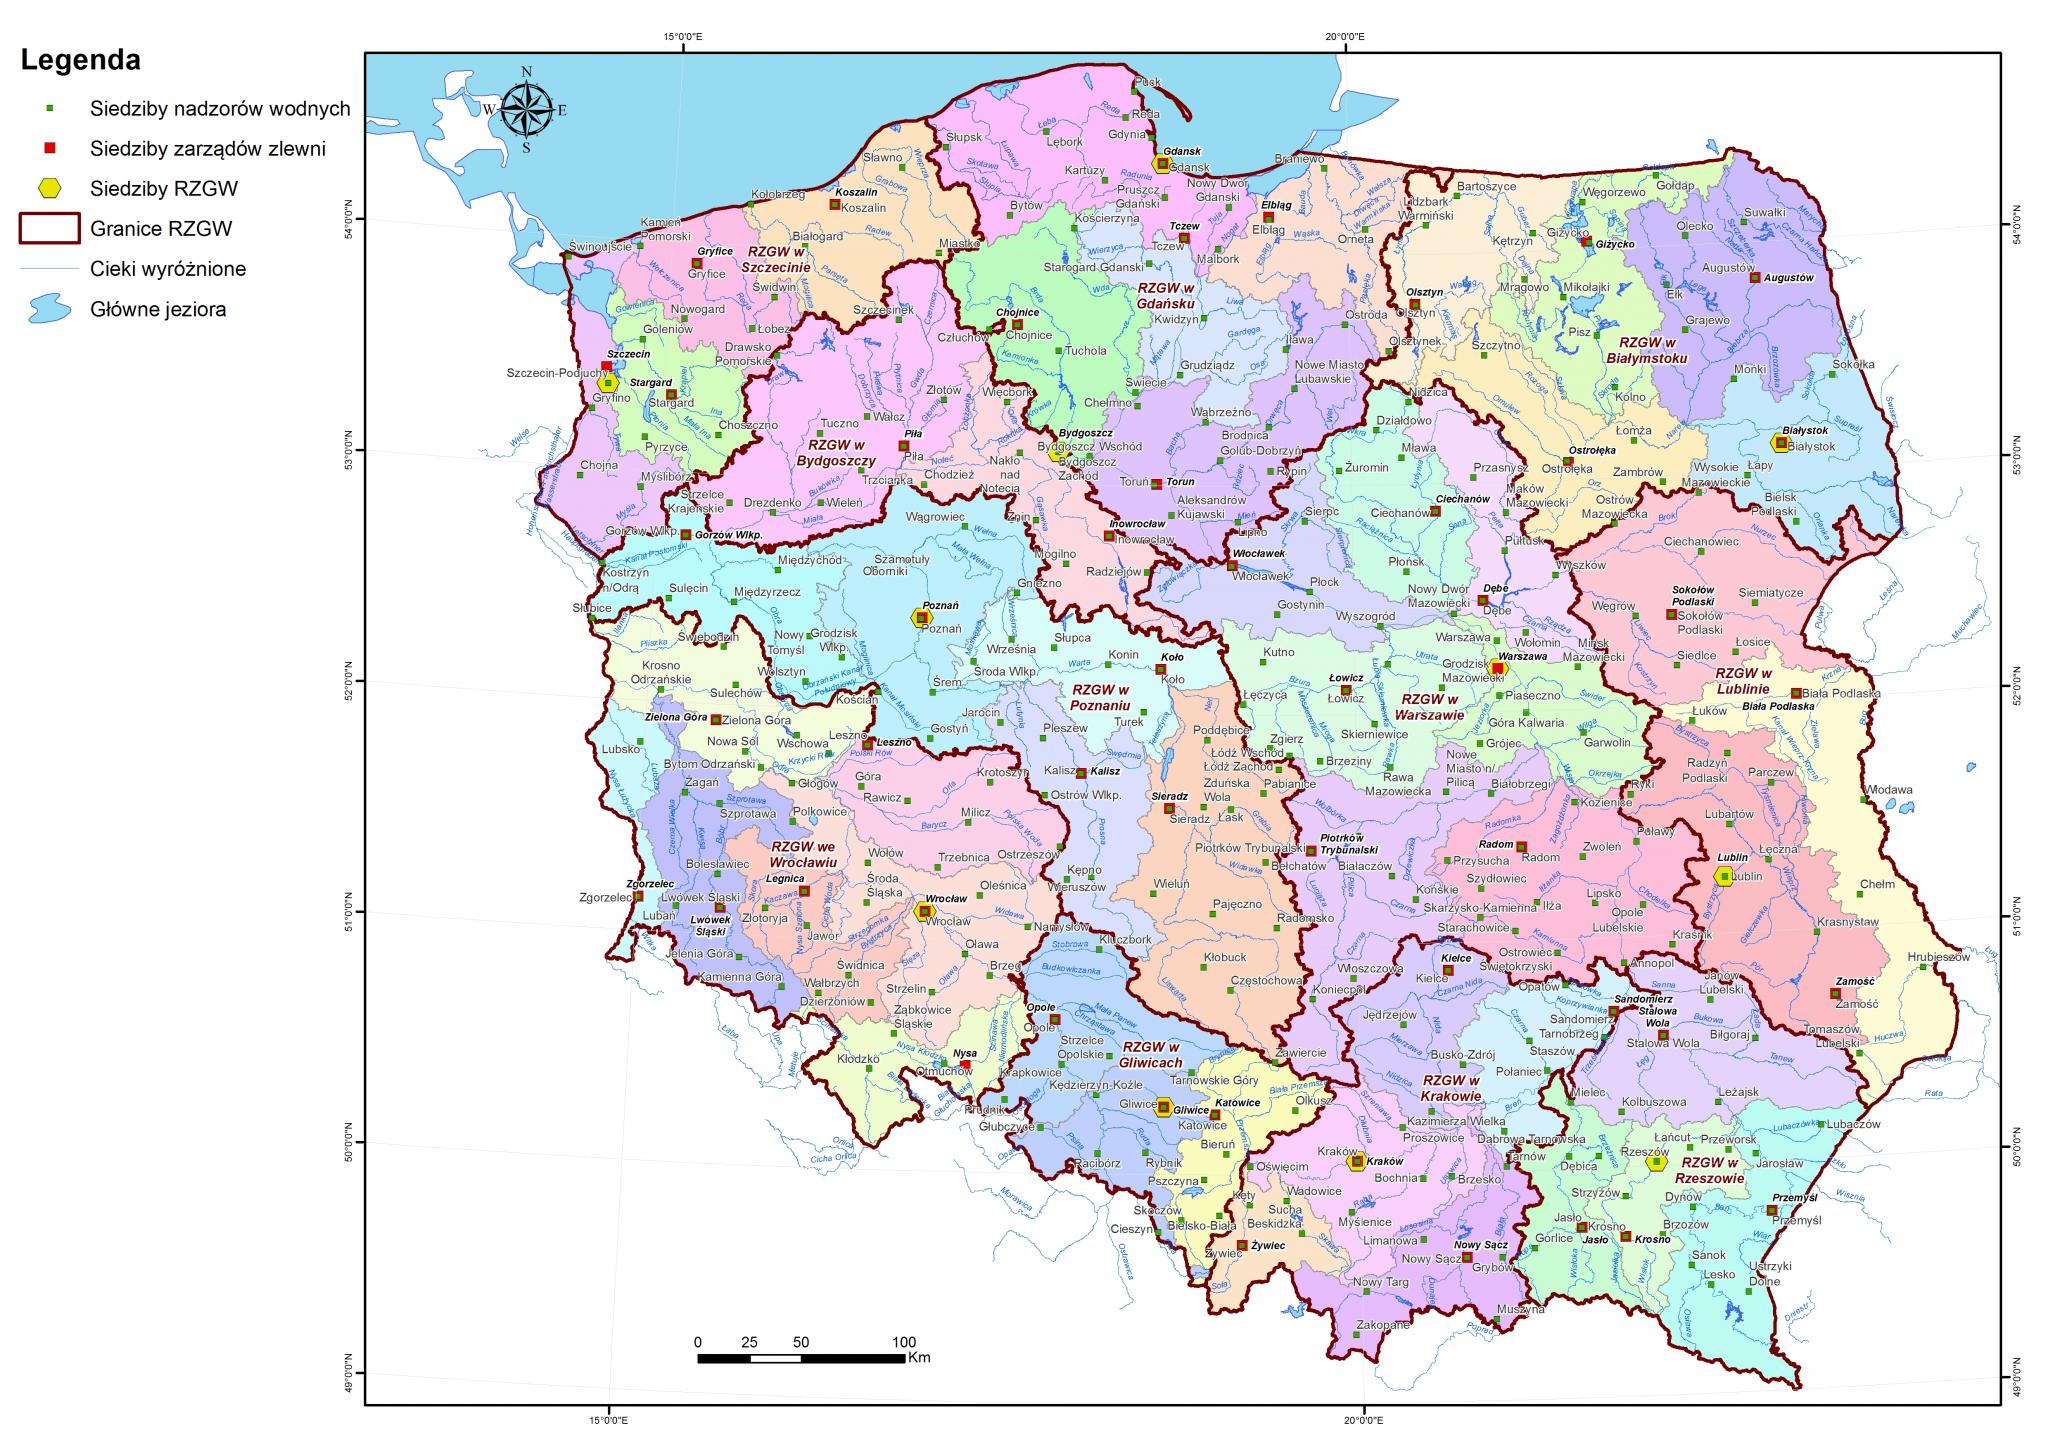 Wody Polskie - mapa struktur (RZGW, zarządy zlewni, nadzory wodne)